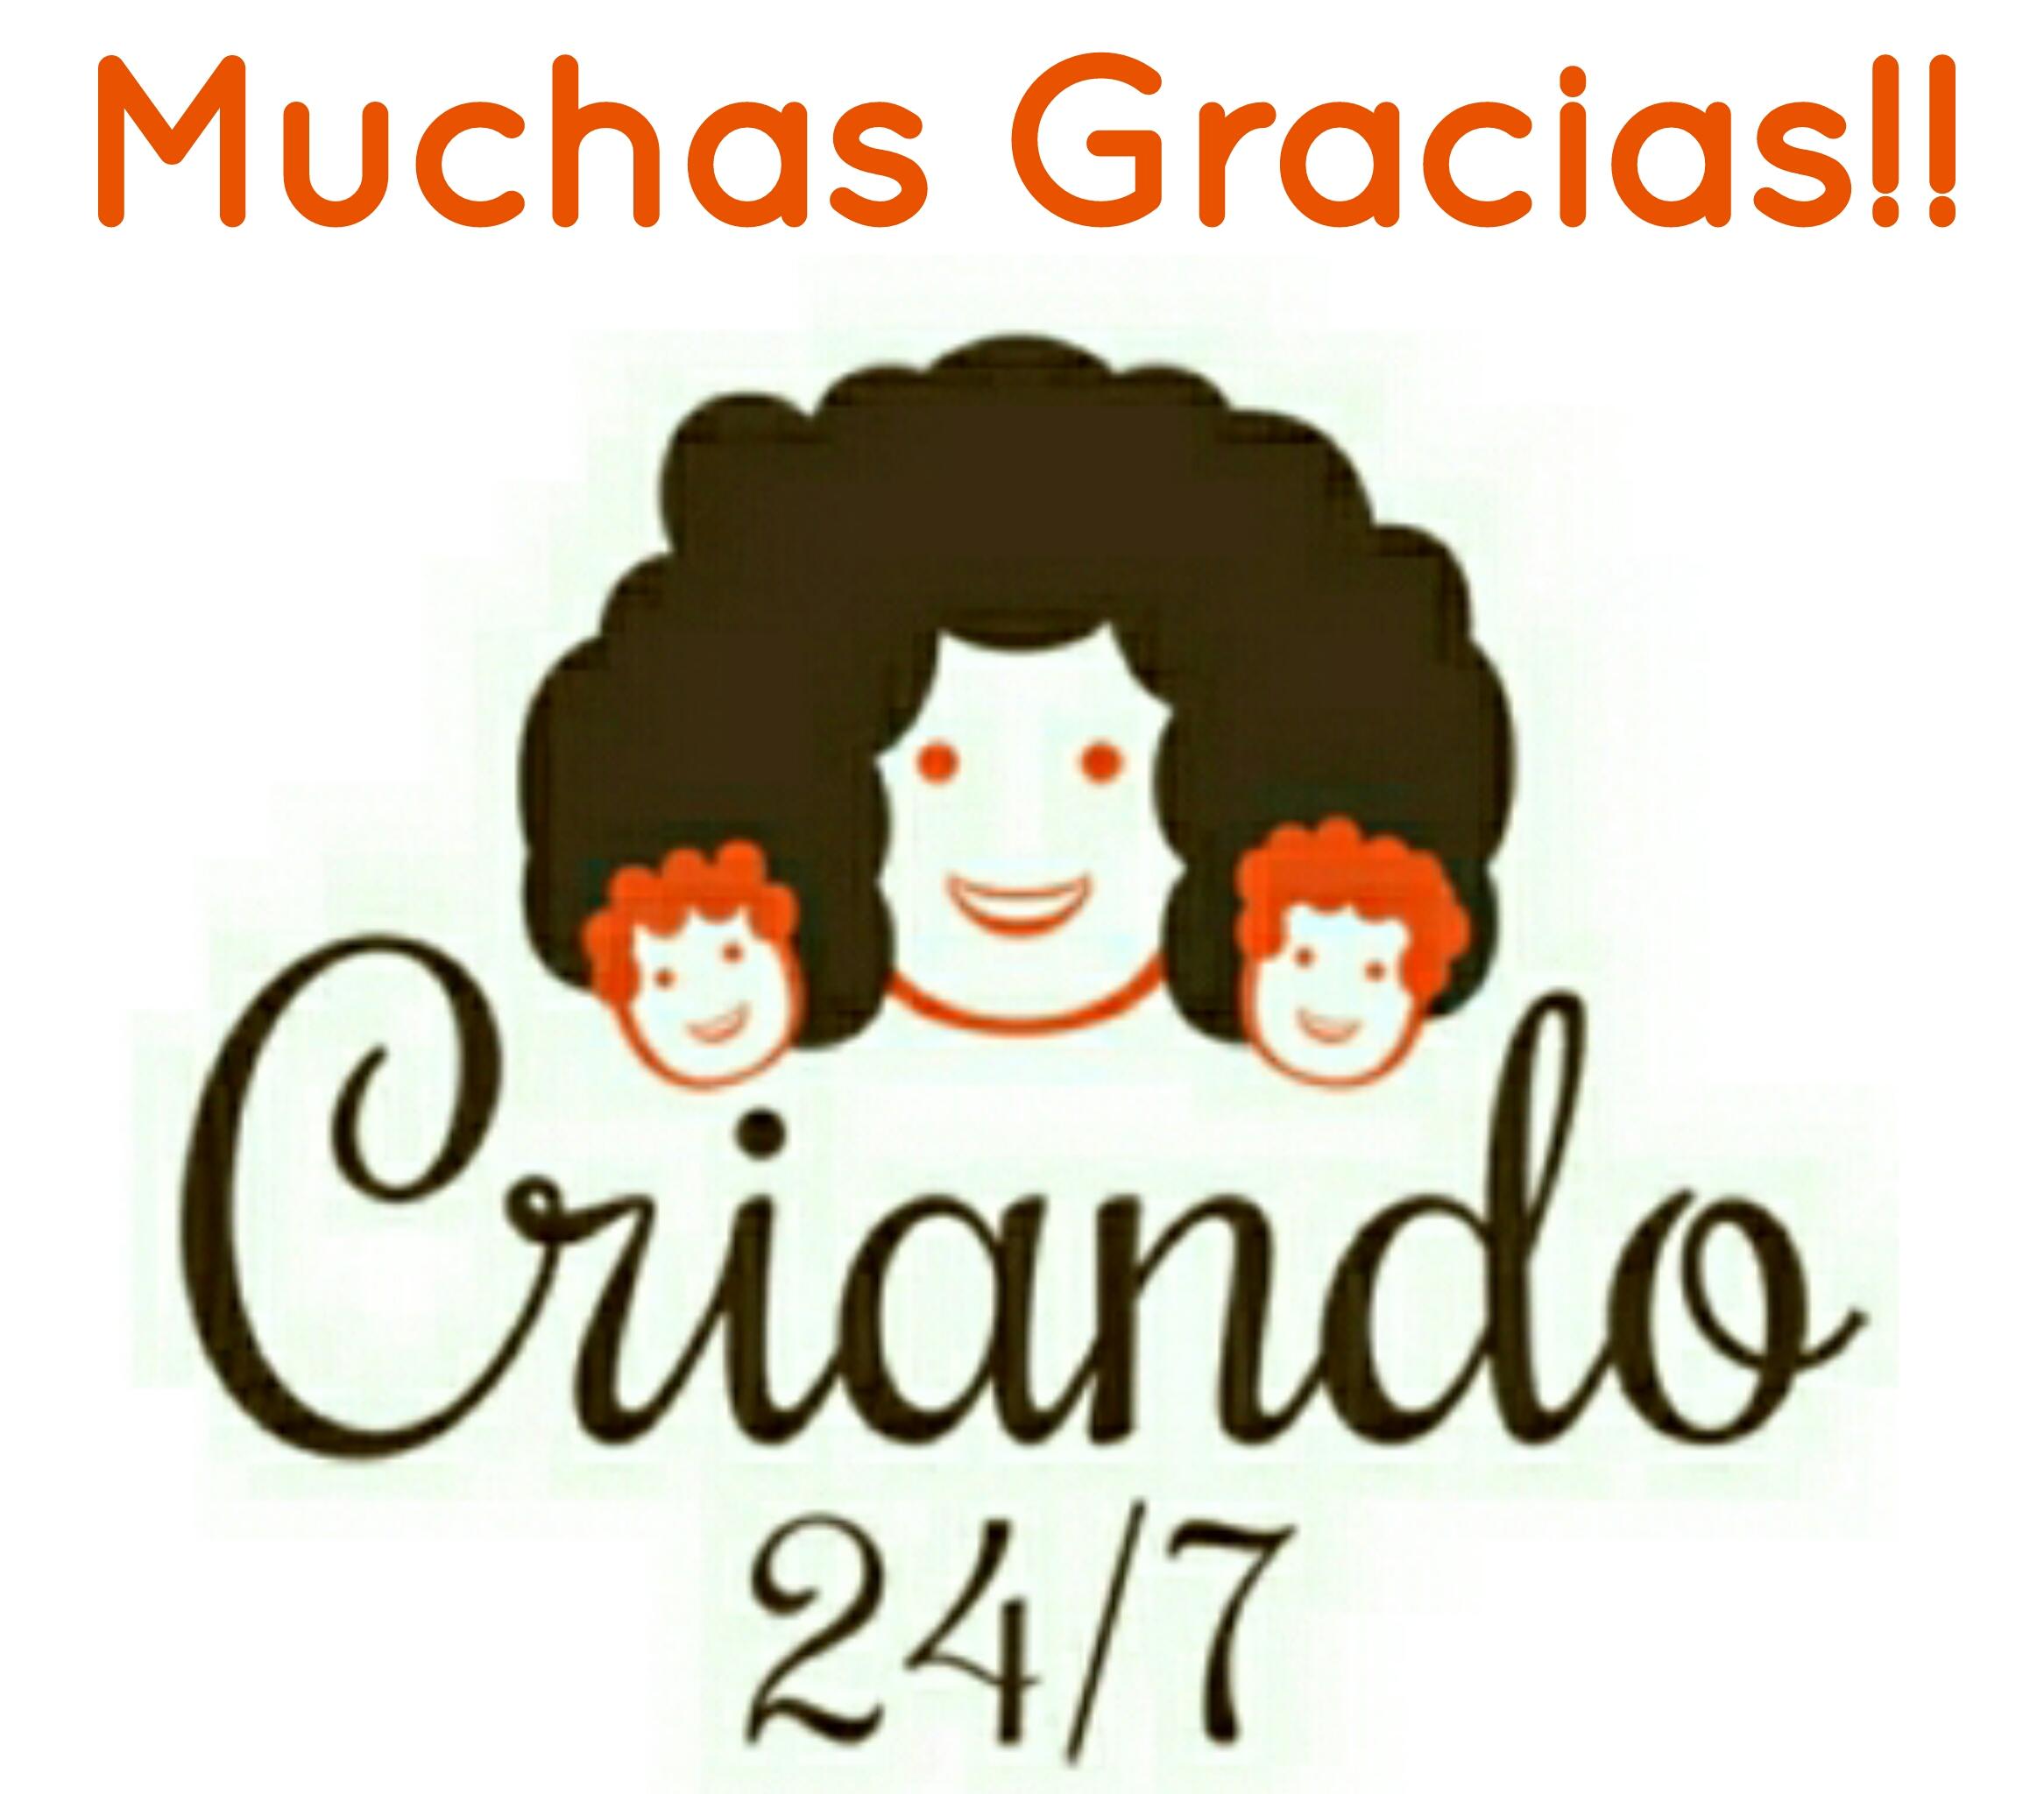 Logo de Criando 24/7 con el texto ¡Muchas gracias!